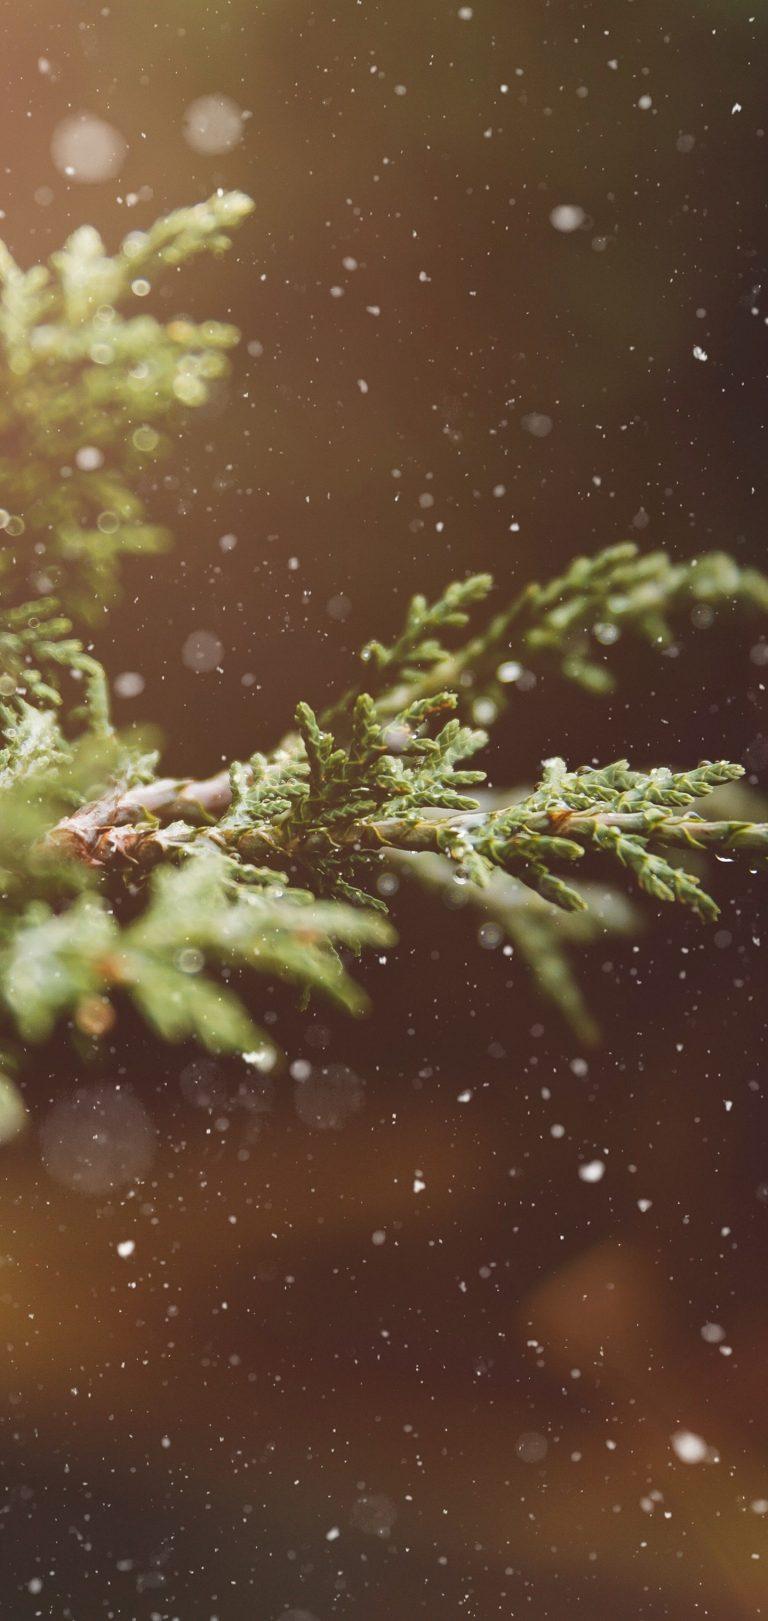 Branches Snow Glare Wallpaper 1440x3040 768x1621